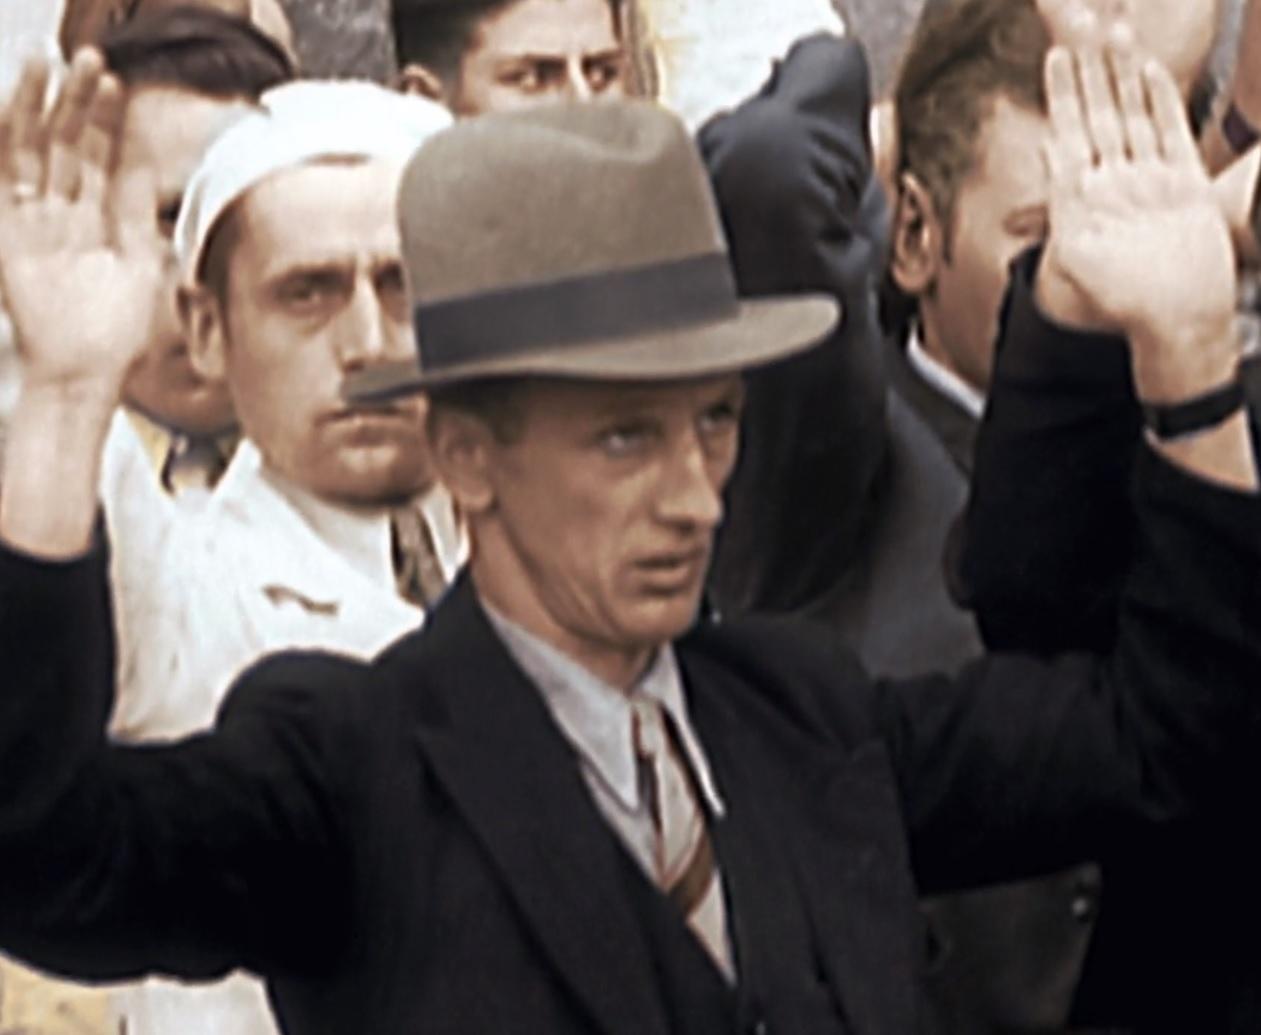 Abba Kempinski